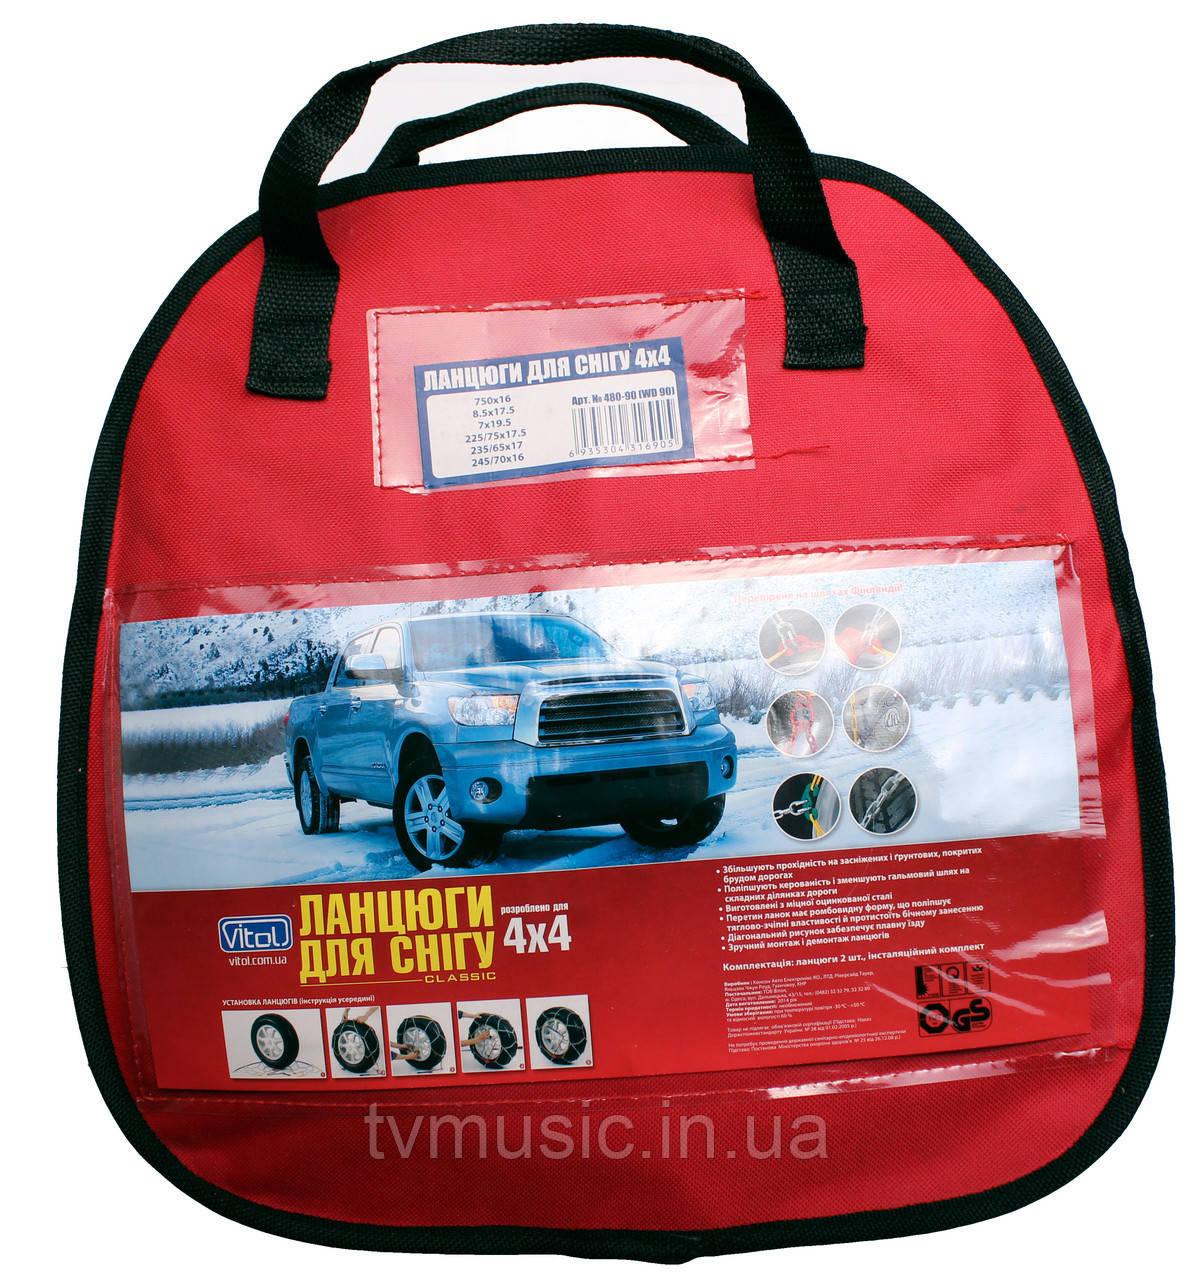 Цепи на колеса Vitol 4WD КВ380 (16 мм)